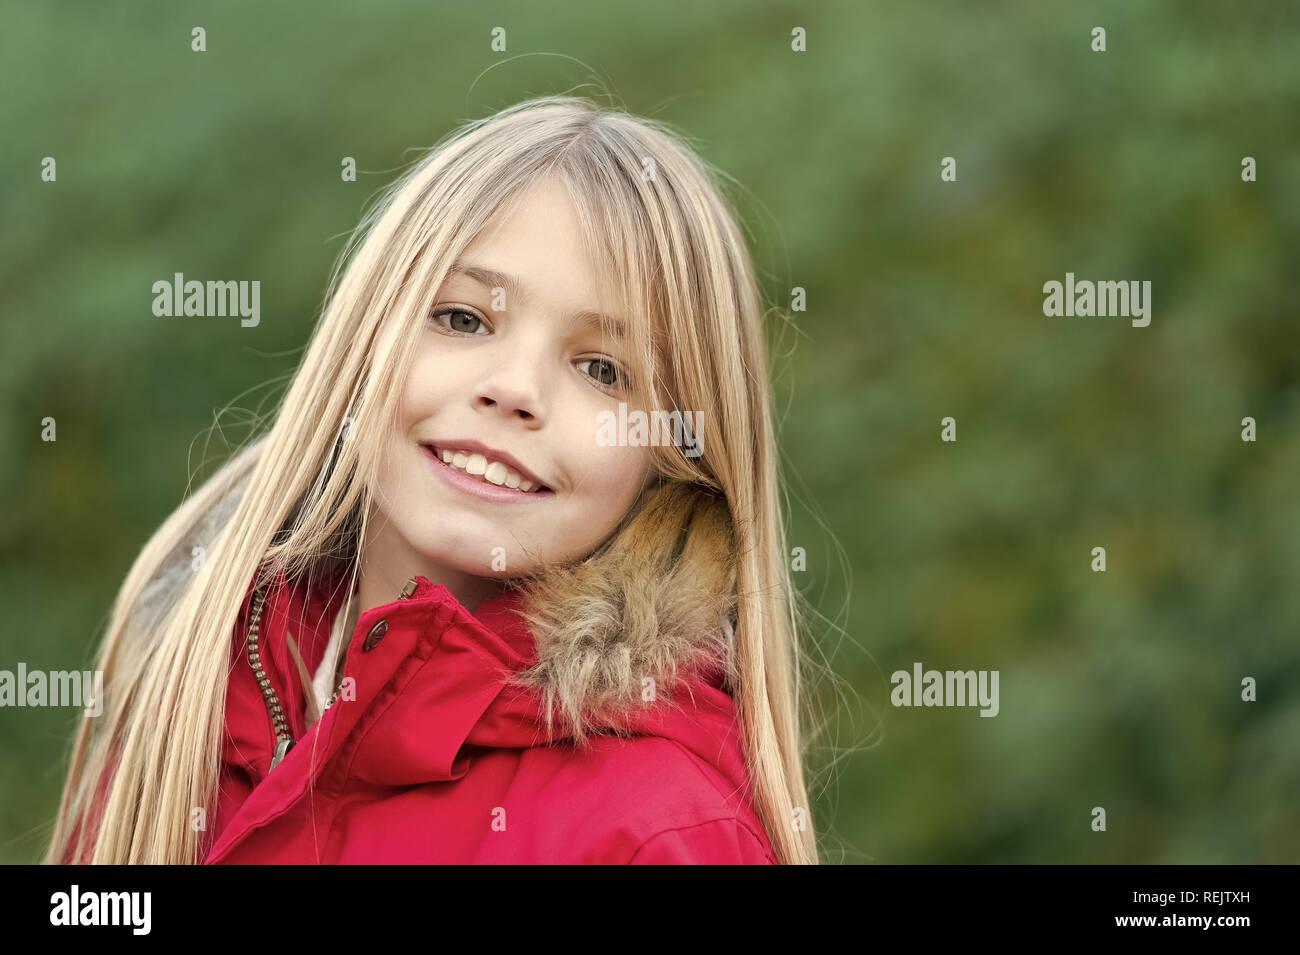 L'innocenza, la purezza e la gioventù. Ragazza bionda con capelli lunghi sorriso sull ambiente naturale. Infanzia felice concetto. Bellezza, natura, crescita. Bambino in rosso cappotto godere idilliaco giorno d'autunno. Immagini Stock